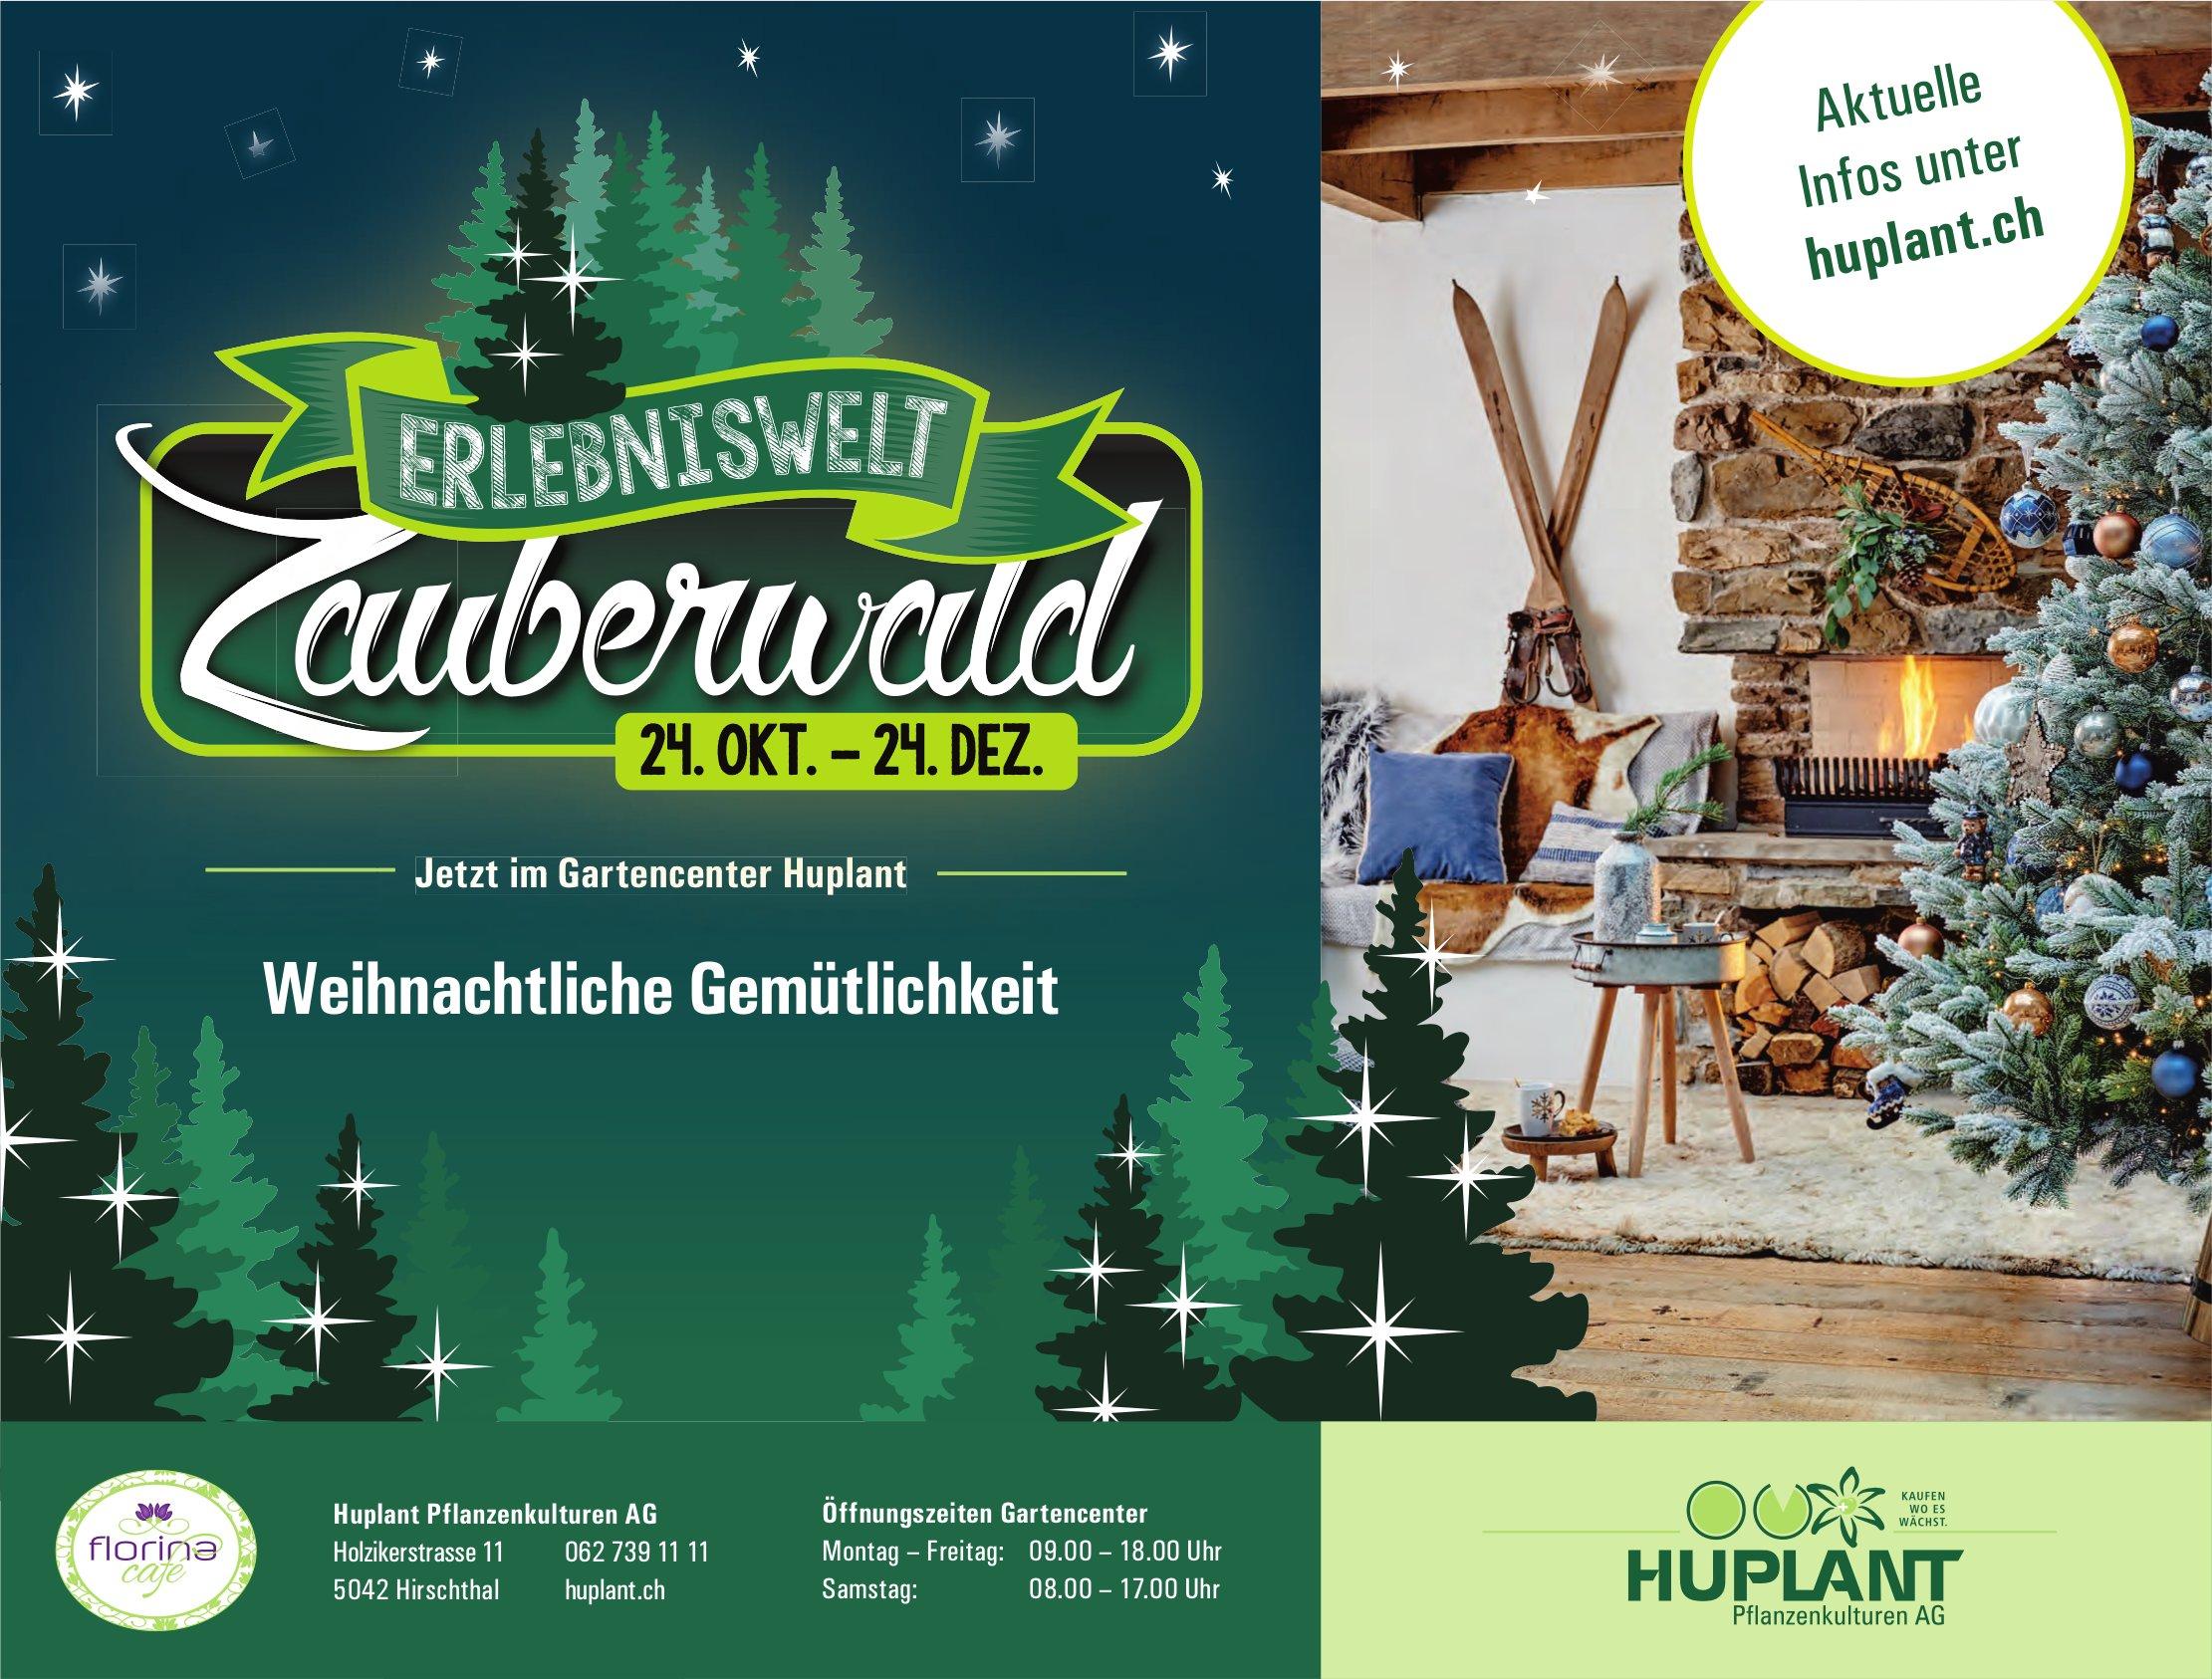 Erlebniswelt Zauberwald, 24. Oktober - 24. Dezember, Gartencenter Huplant, Hirschthal